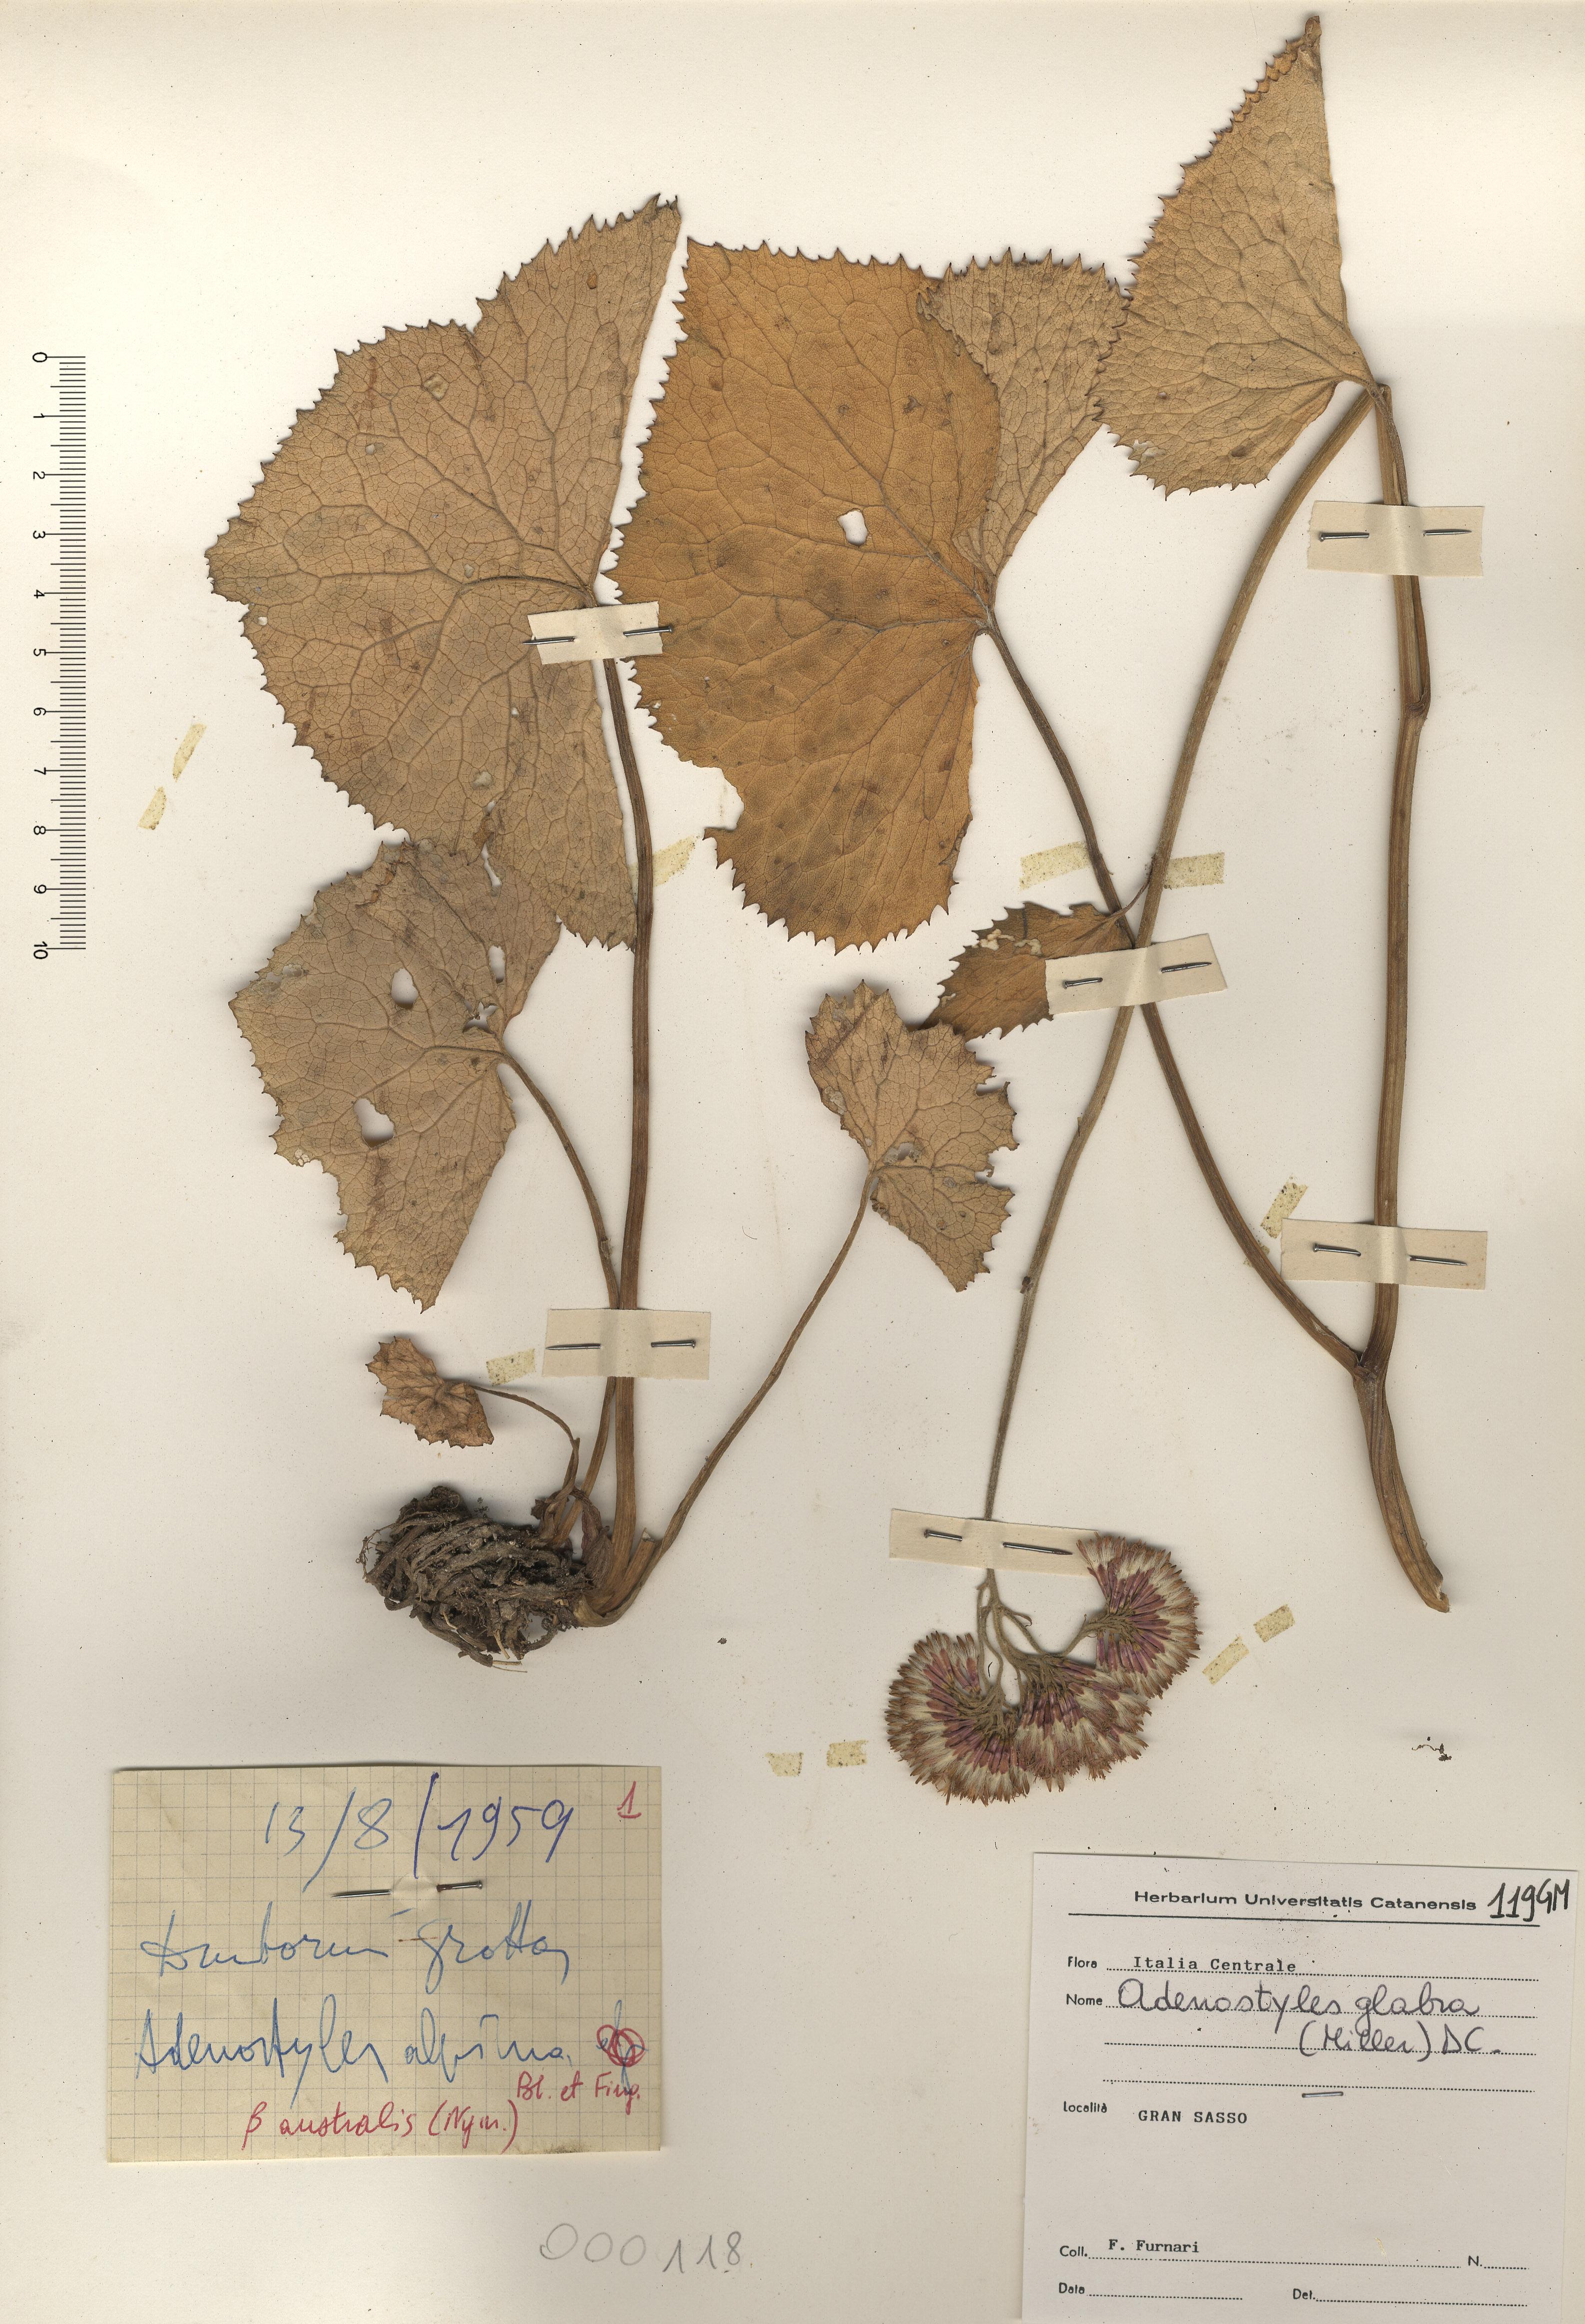 © Hortus Botanicus Catinensis - Herb. sheet 000118<br>